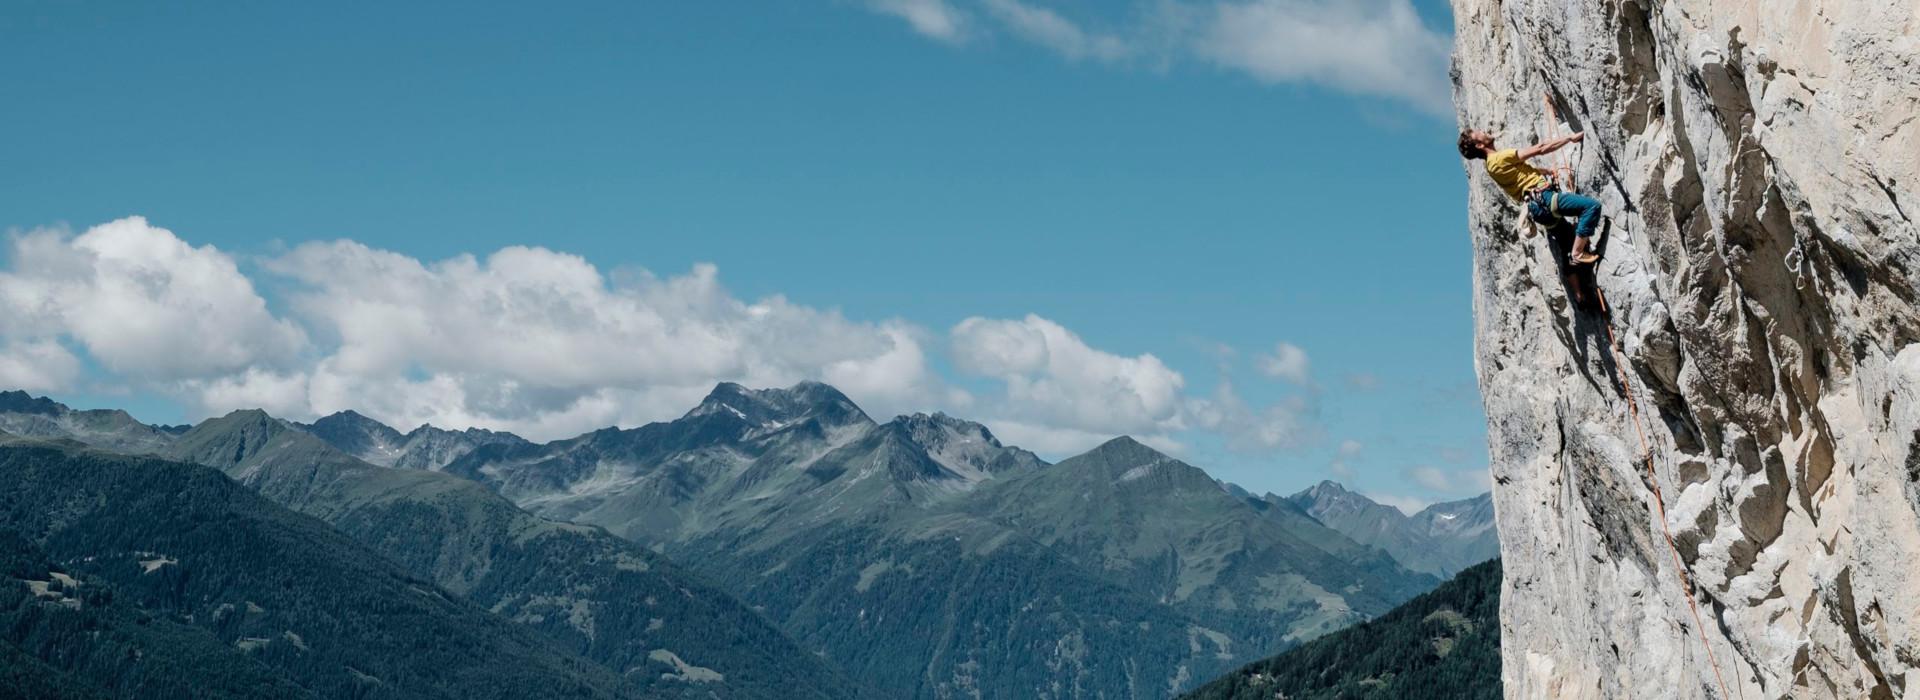 Freizeit - Sommer - Bergsteigen und Klettern - Headerbild